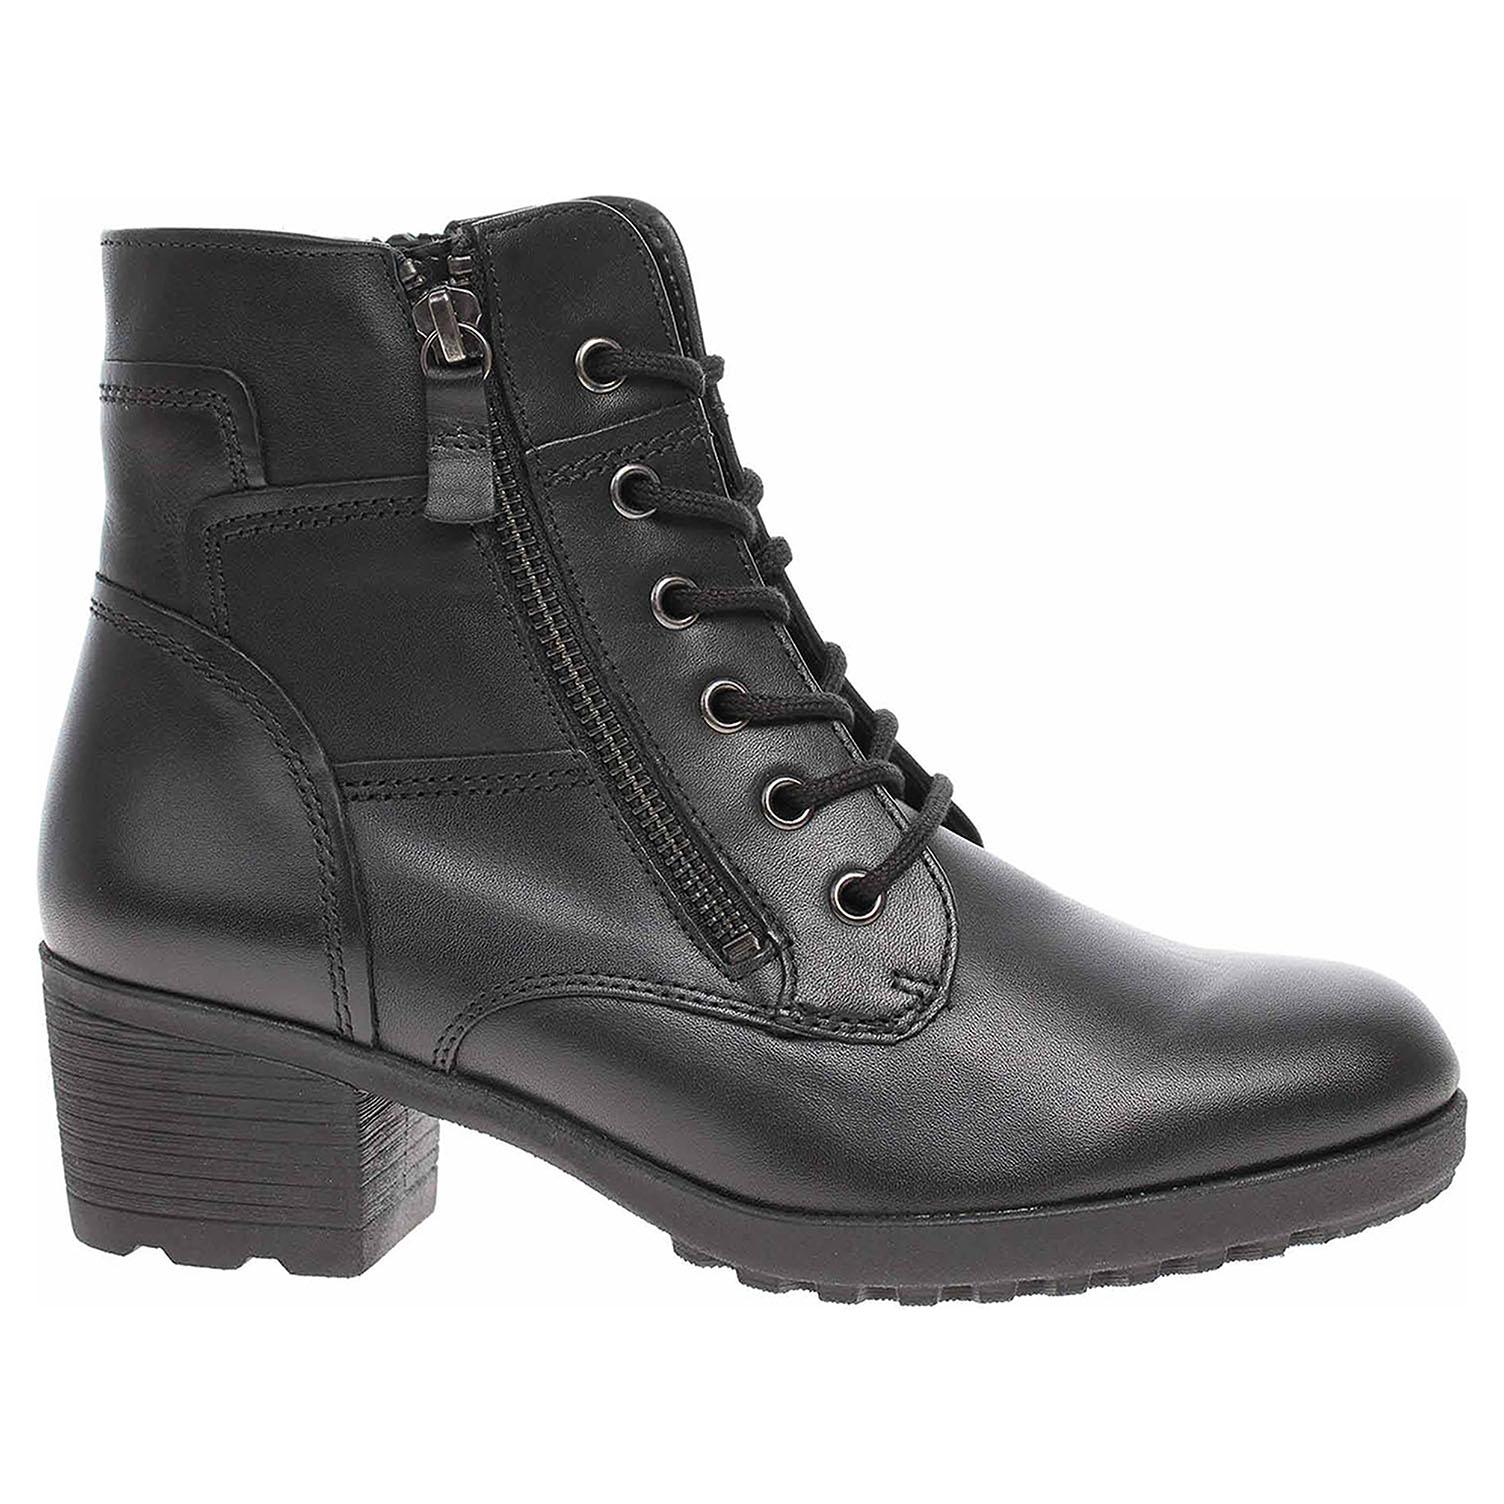 Dámská kotníková obuv Gabor 54.680.27 schwarz 54.680.27 36